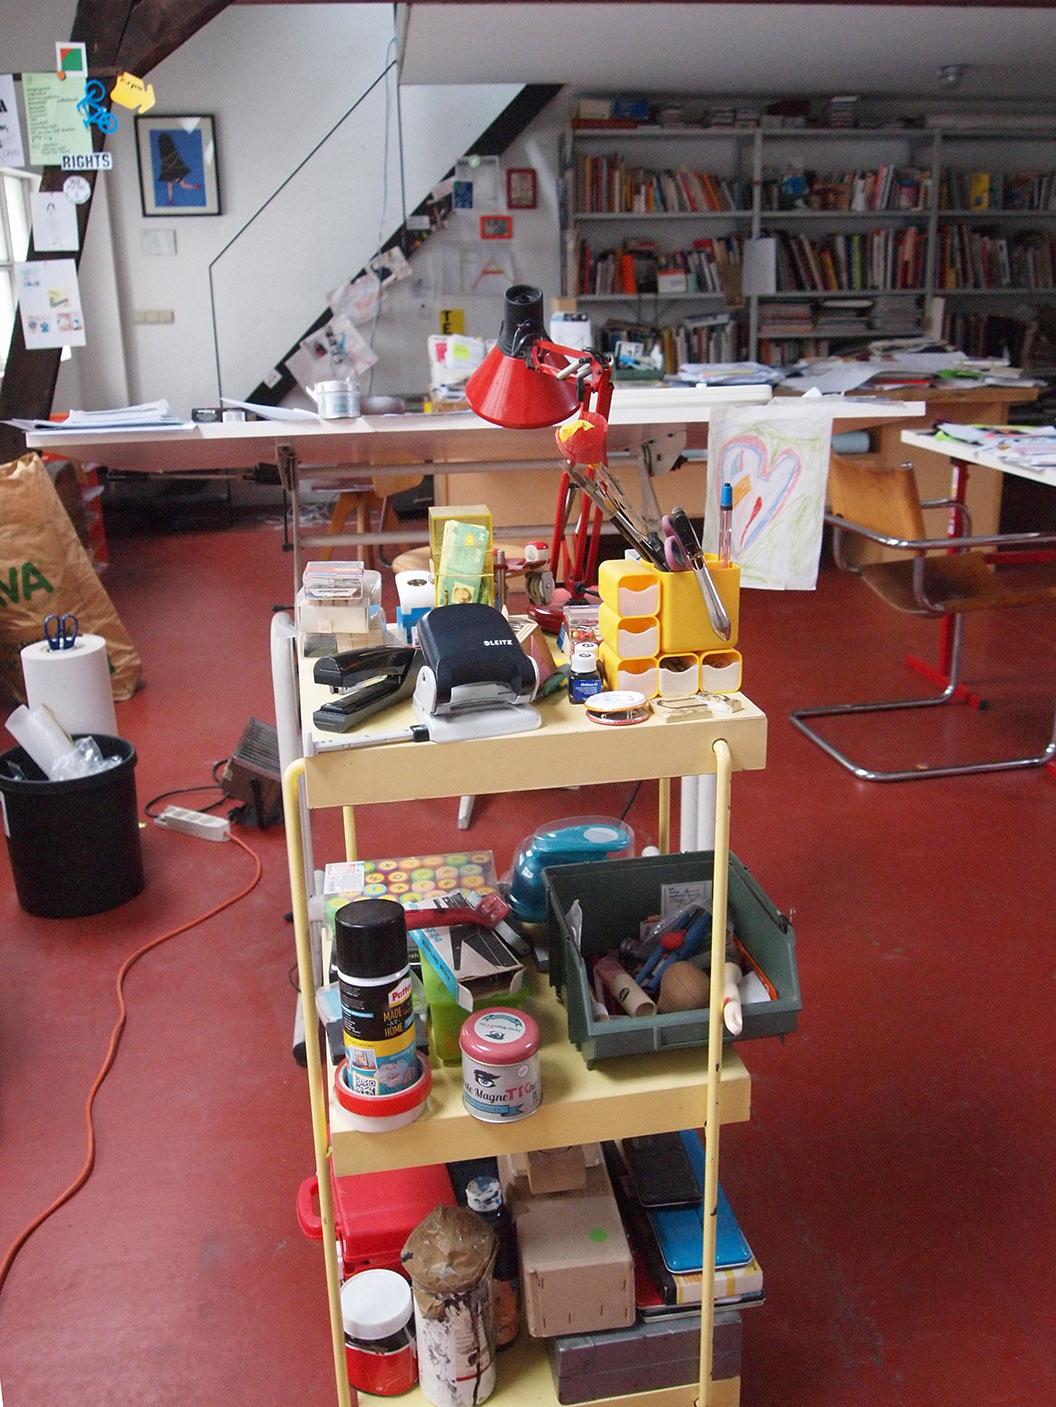 Teresa Sdralevich's printmaking studio in Brussels.